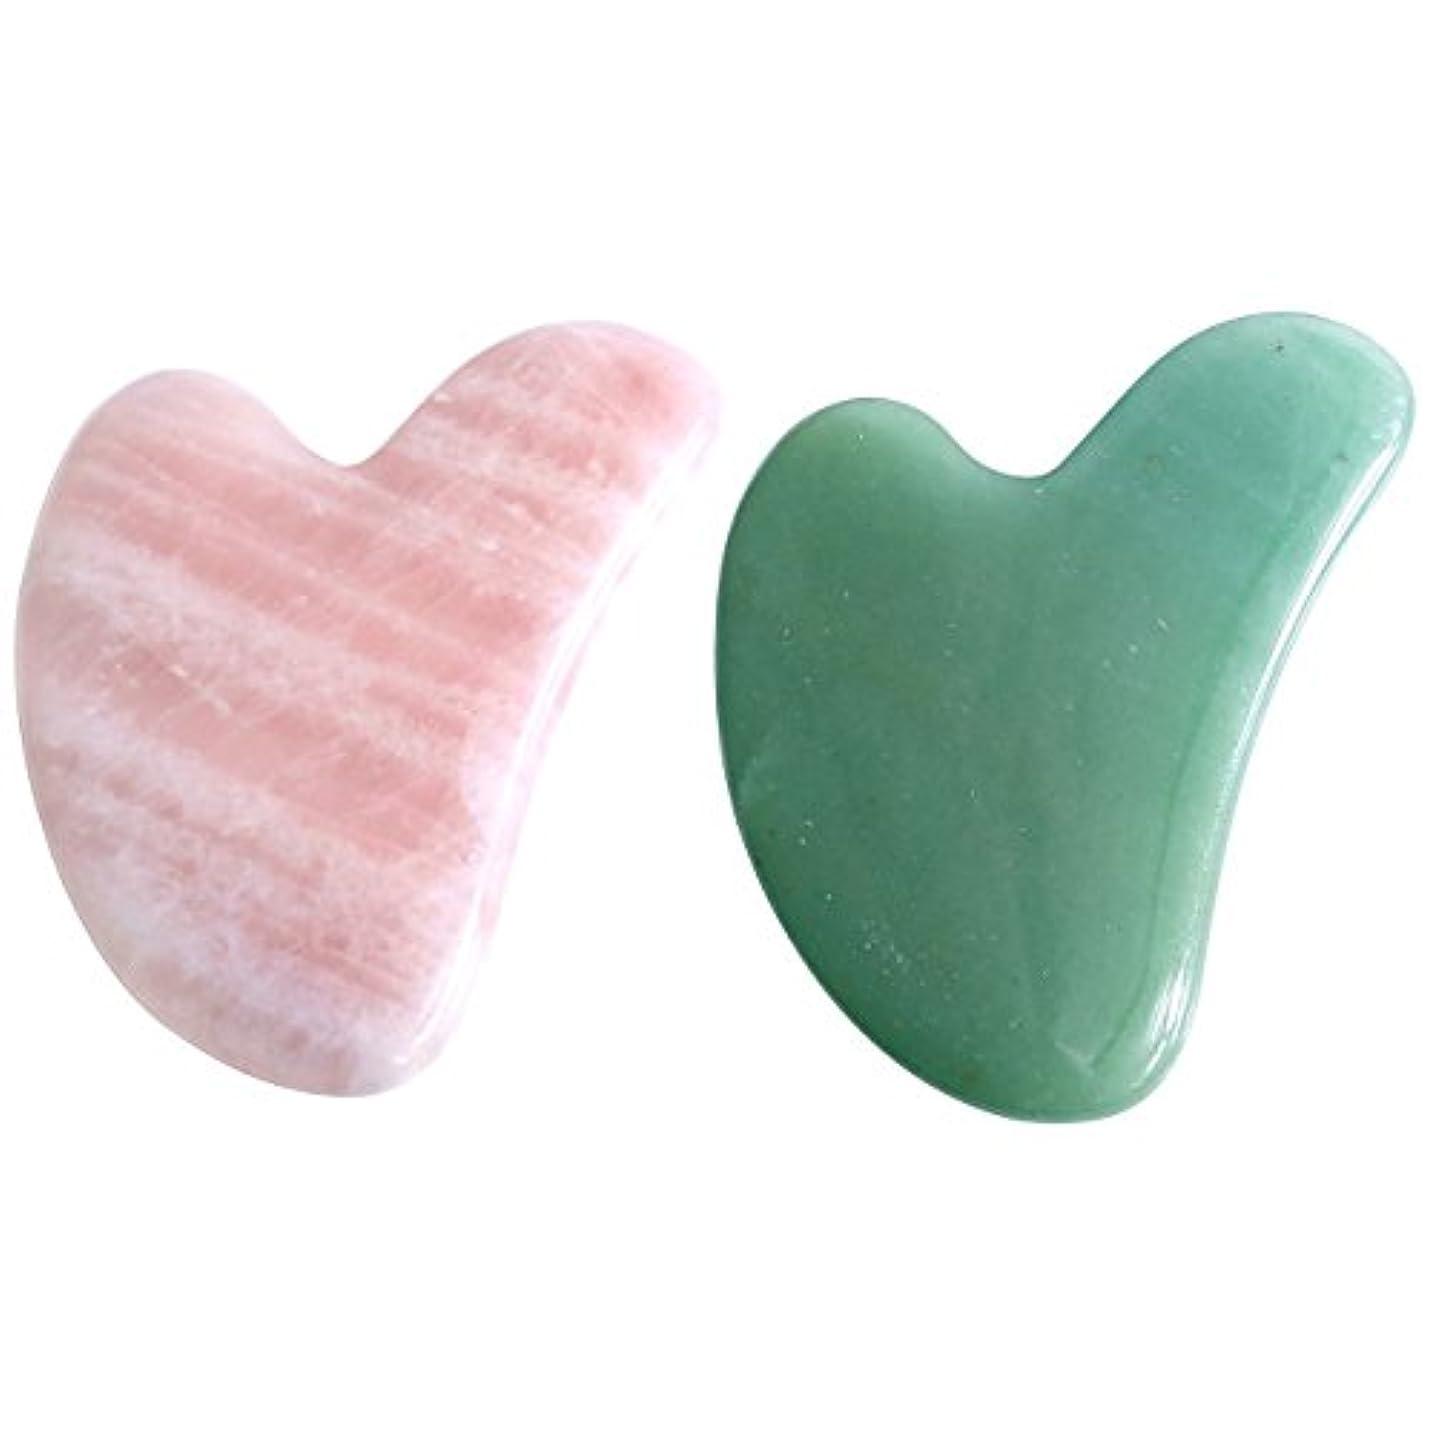 副詞コーヒー期限切れ2点セット2pcsFace / Body Massage rose quartz/ Adventurine heart shape Gua Sha 心臓の/ハート形状かっさプレート 天然石ローズクォーツ 翡翠,顔?ボディ...